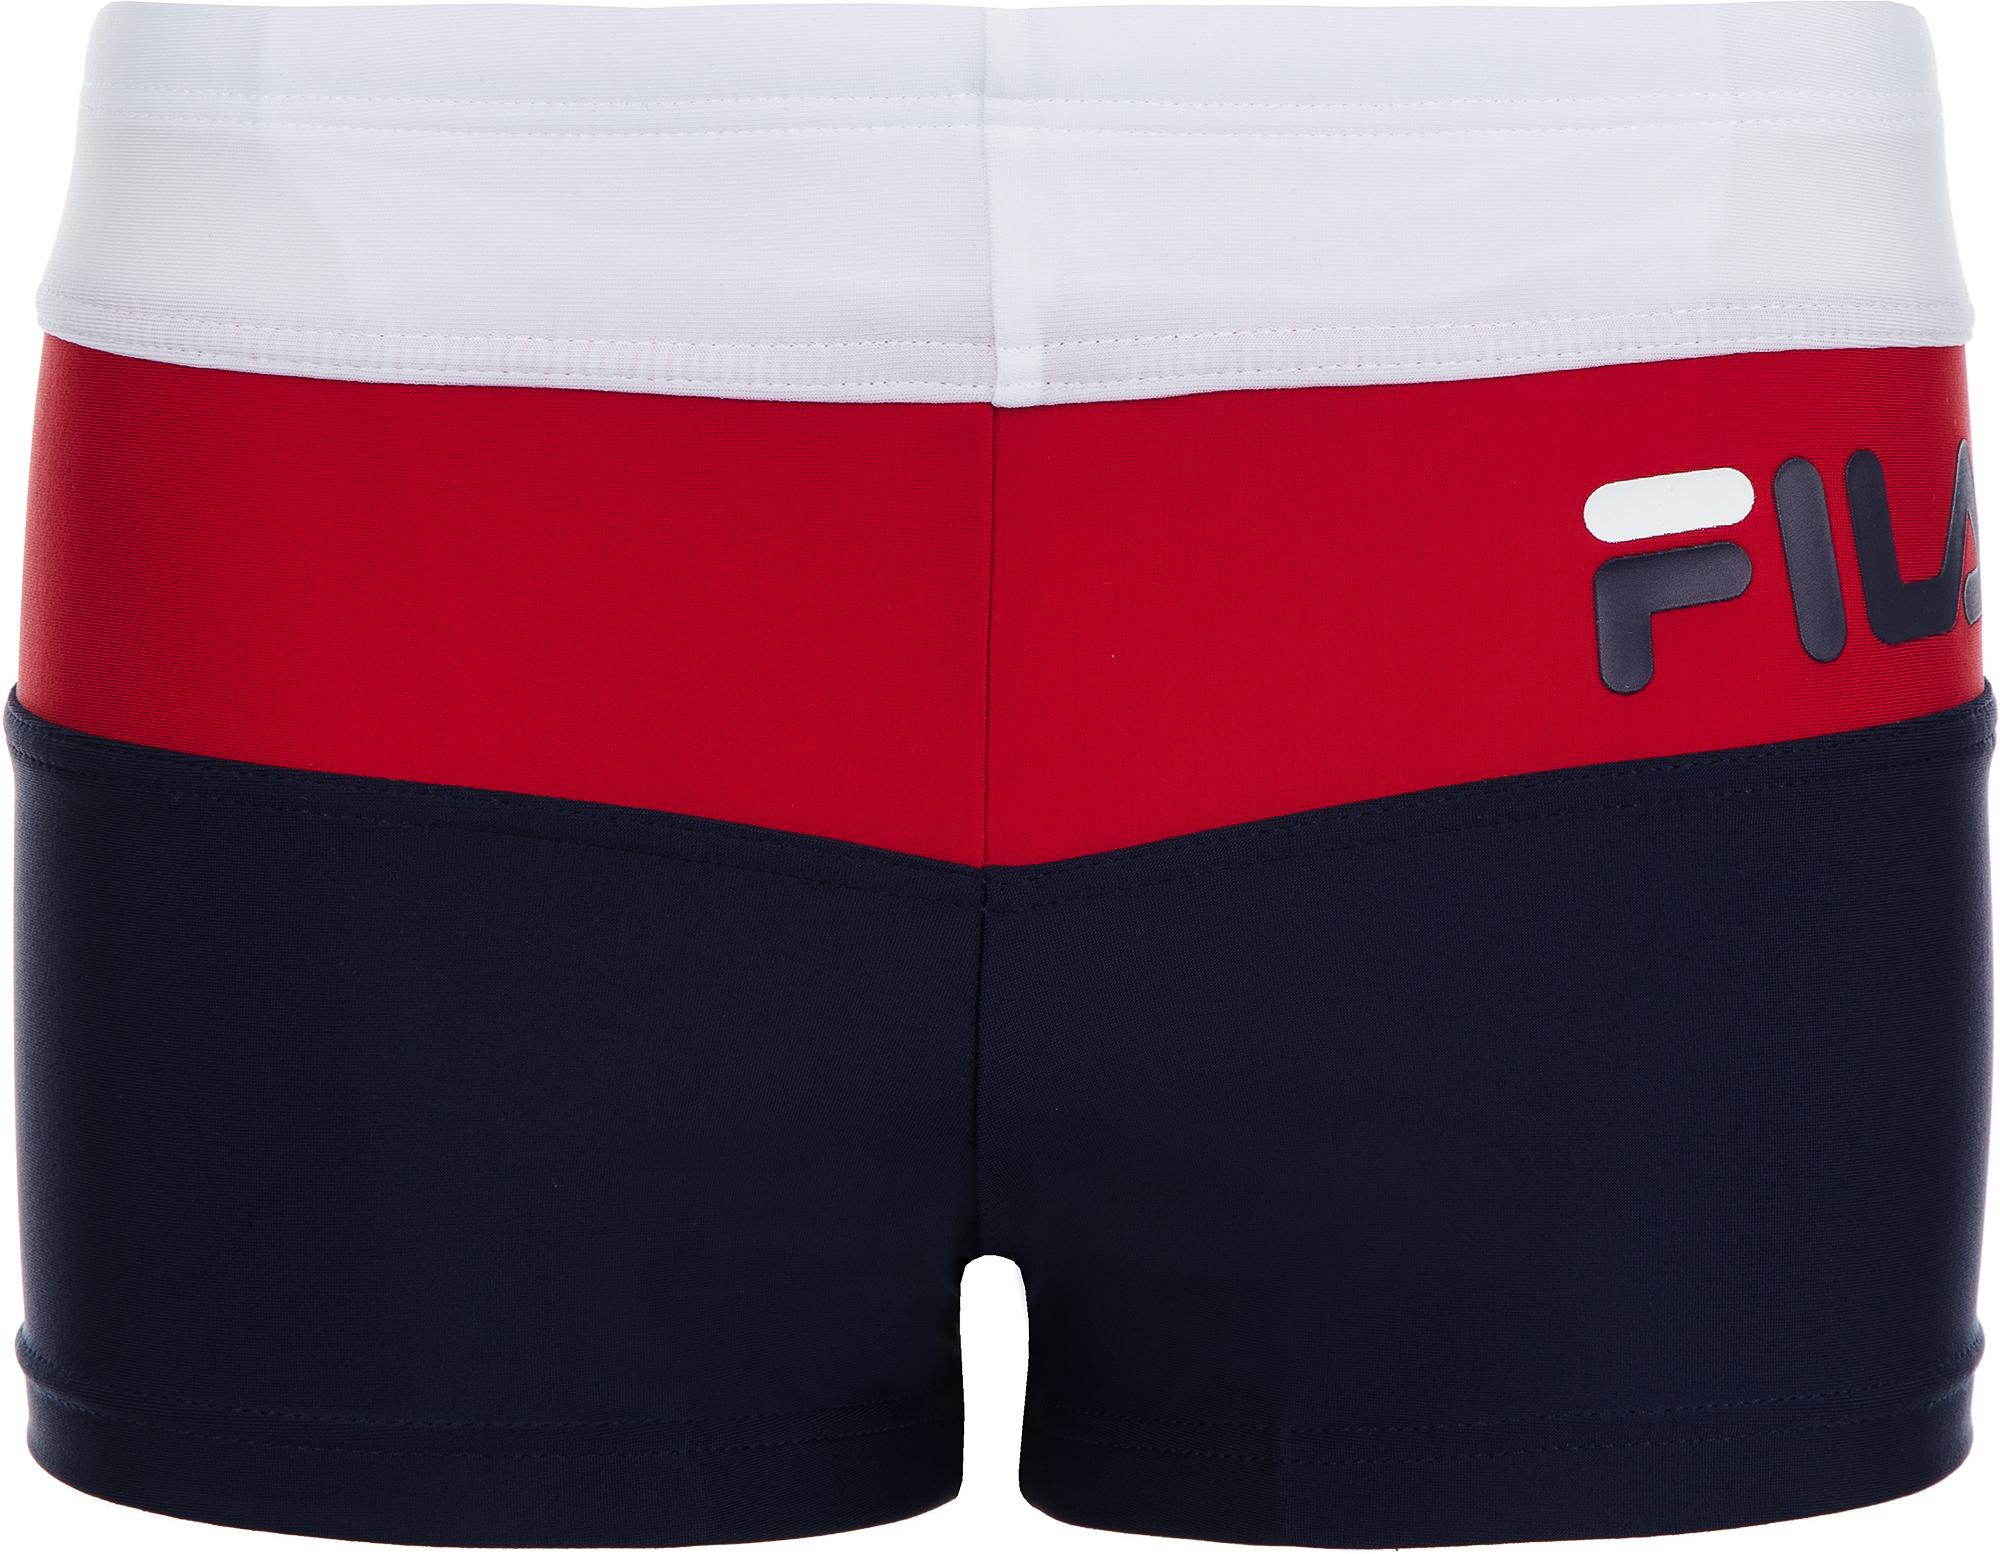 все цены на Fila Плавки-шорты для мальчиков Fila, размер 164 онлайн